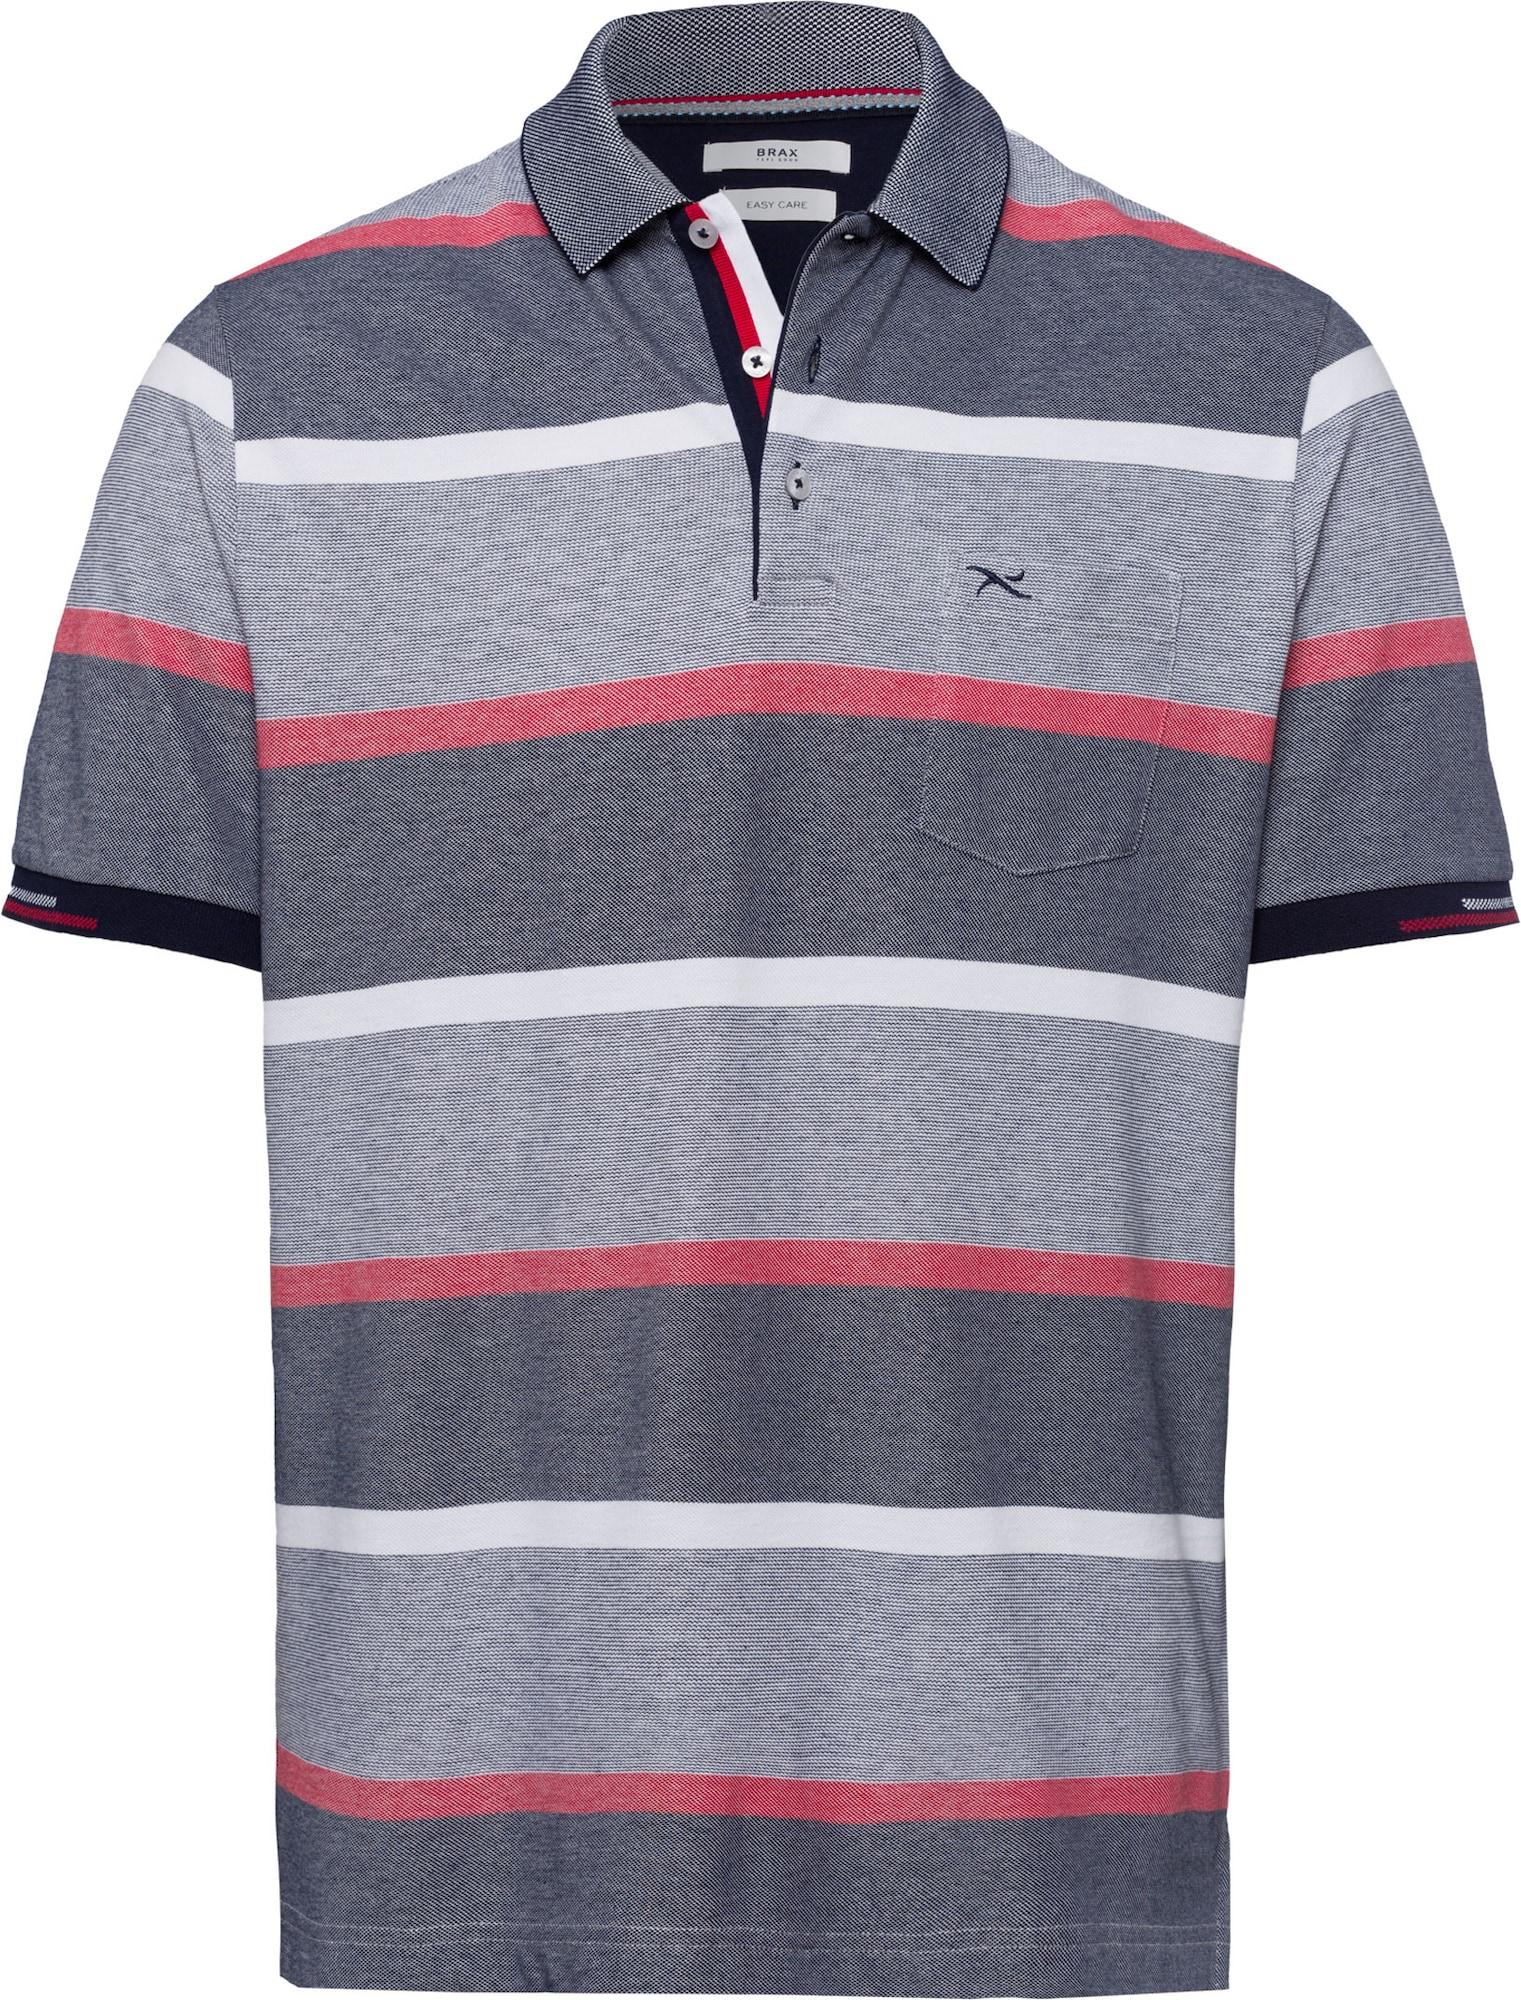 BRAX Marškinėliai 'Paco' pastelinė raudona / pilka / akmens / balta